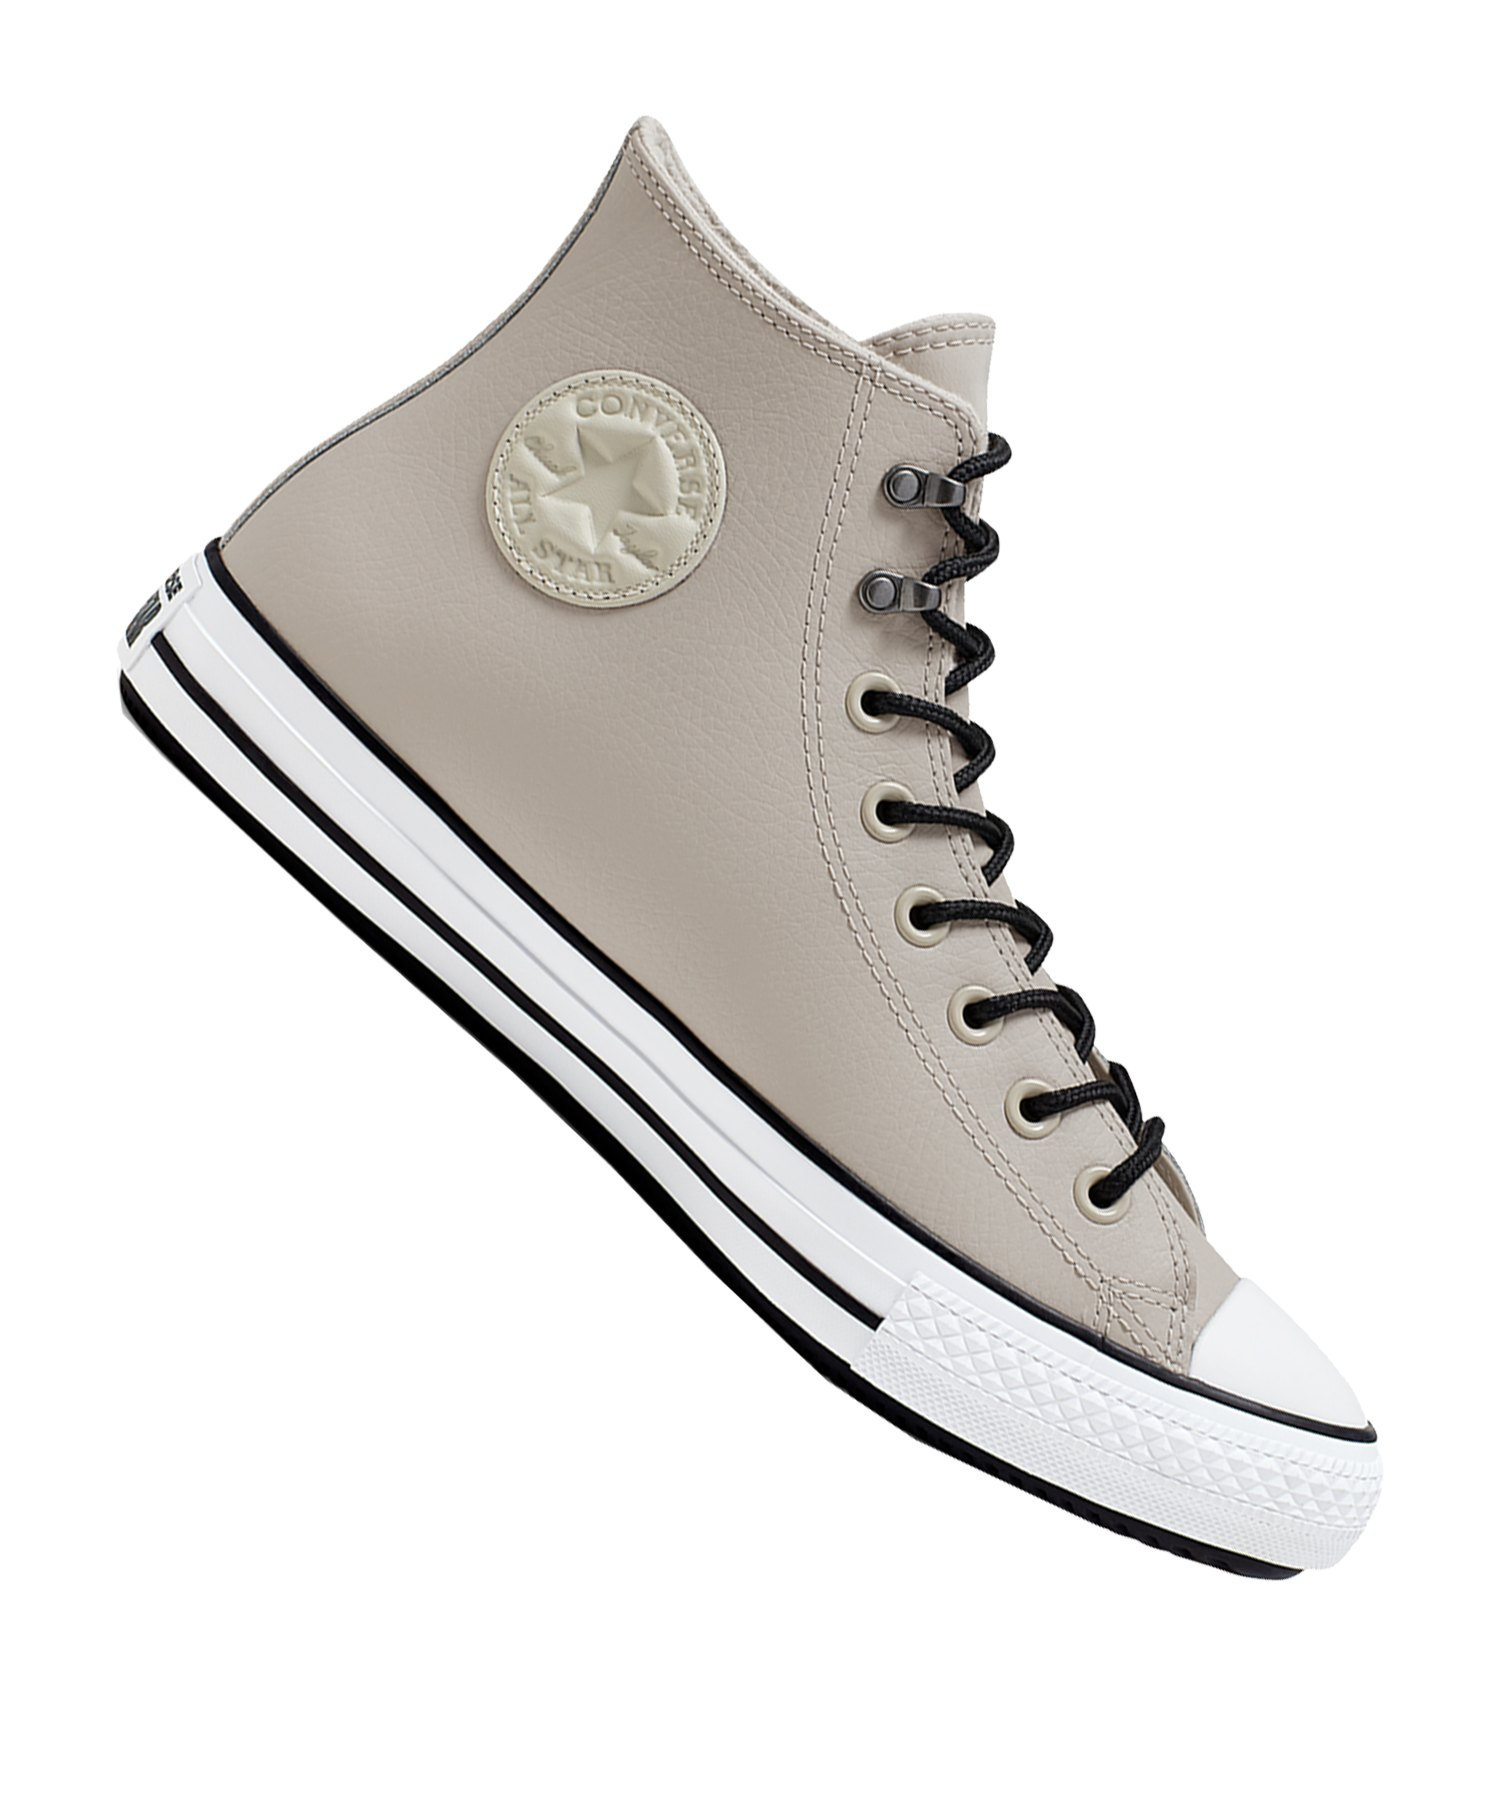 Herren Damen Adidas Hohe Sneaker   Adidas Stan Winter Schuhe schwarz weiß beige